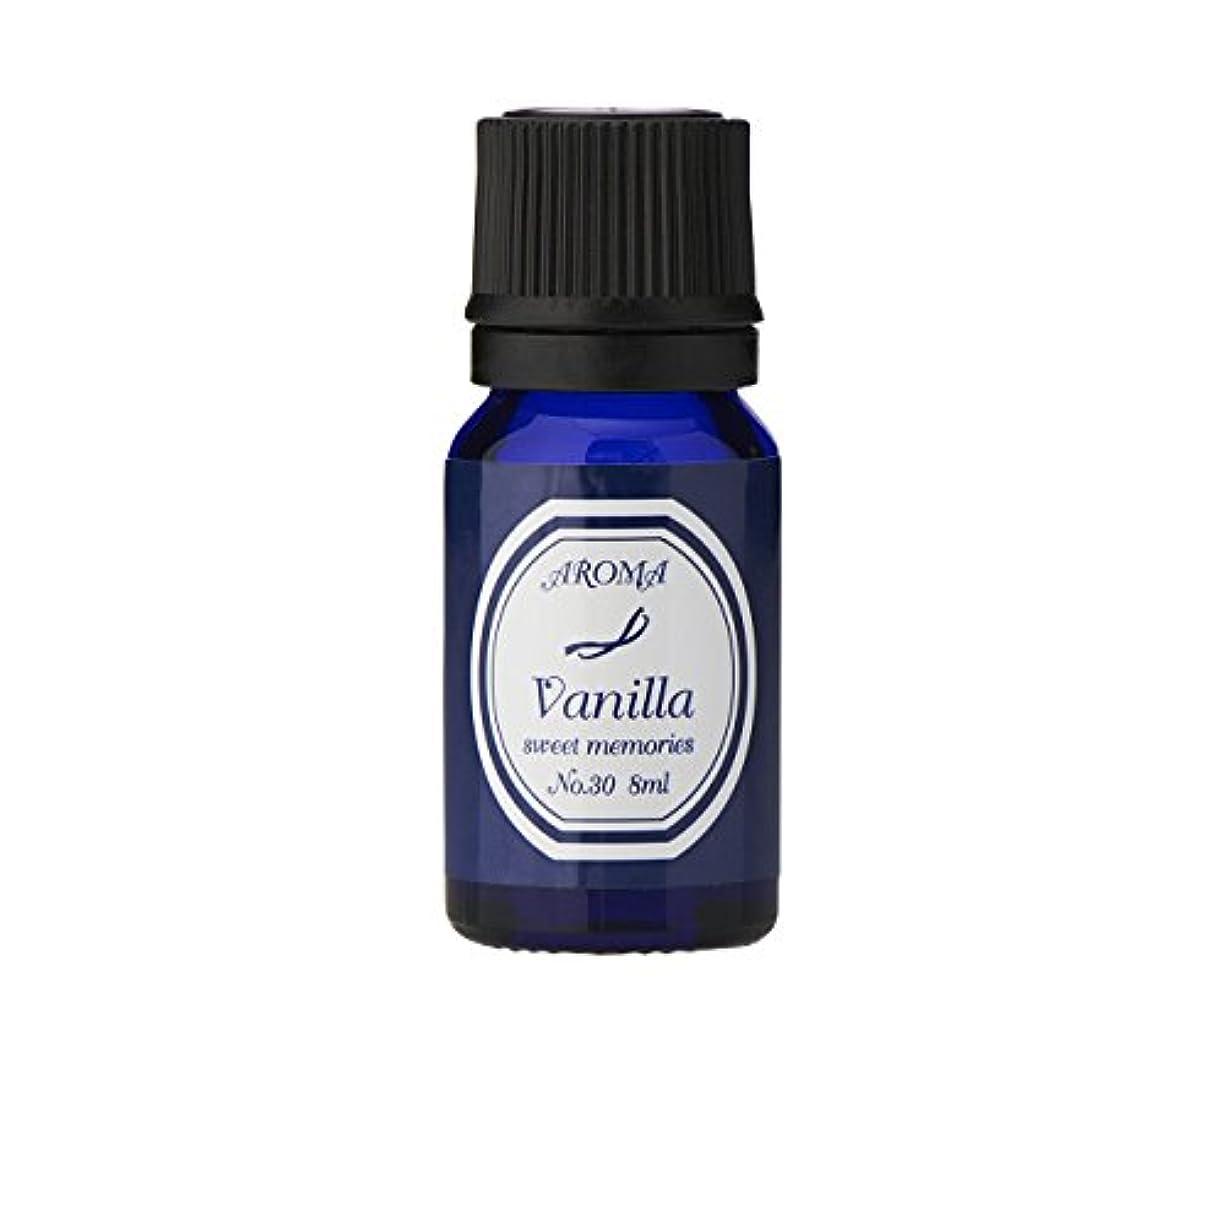 満員忌まわしい気味の悪いブルーラベル アロマエッセンス8ml バニラ(アロマオイル 調合香料 芳香用)